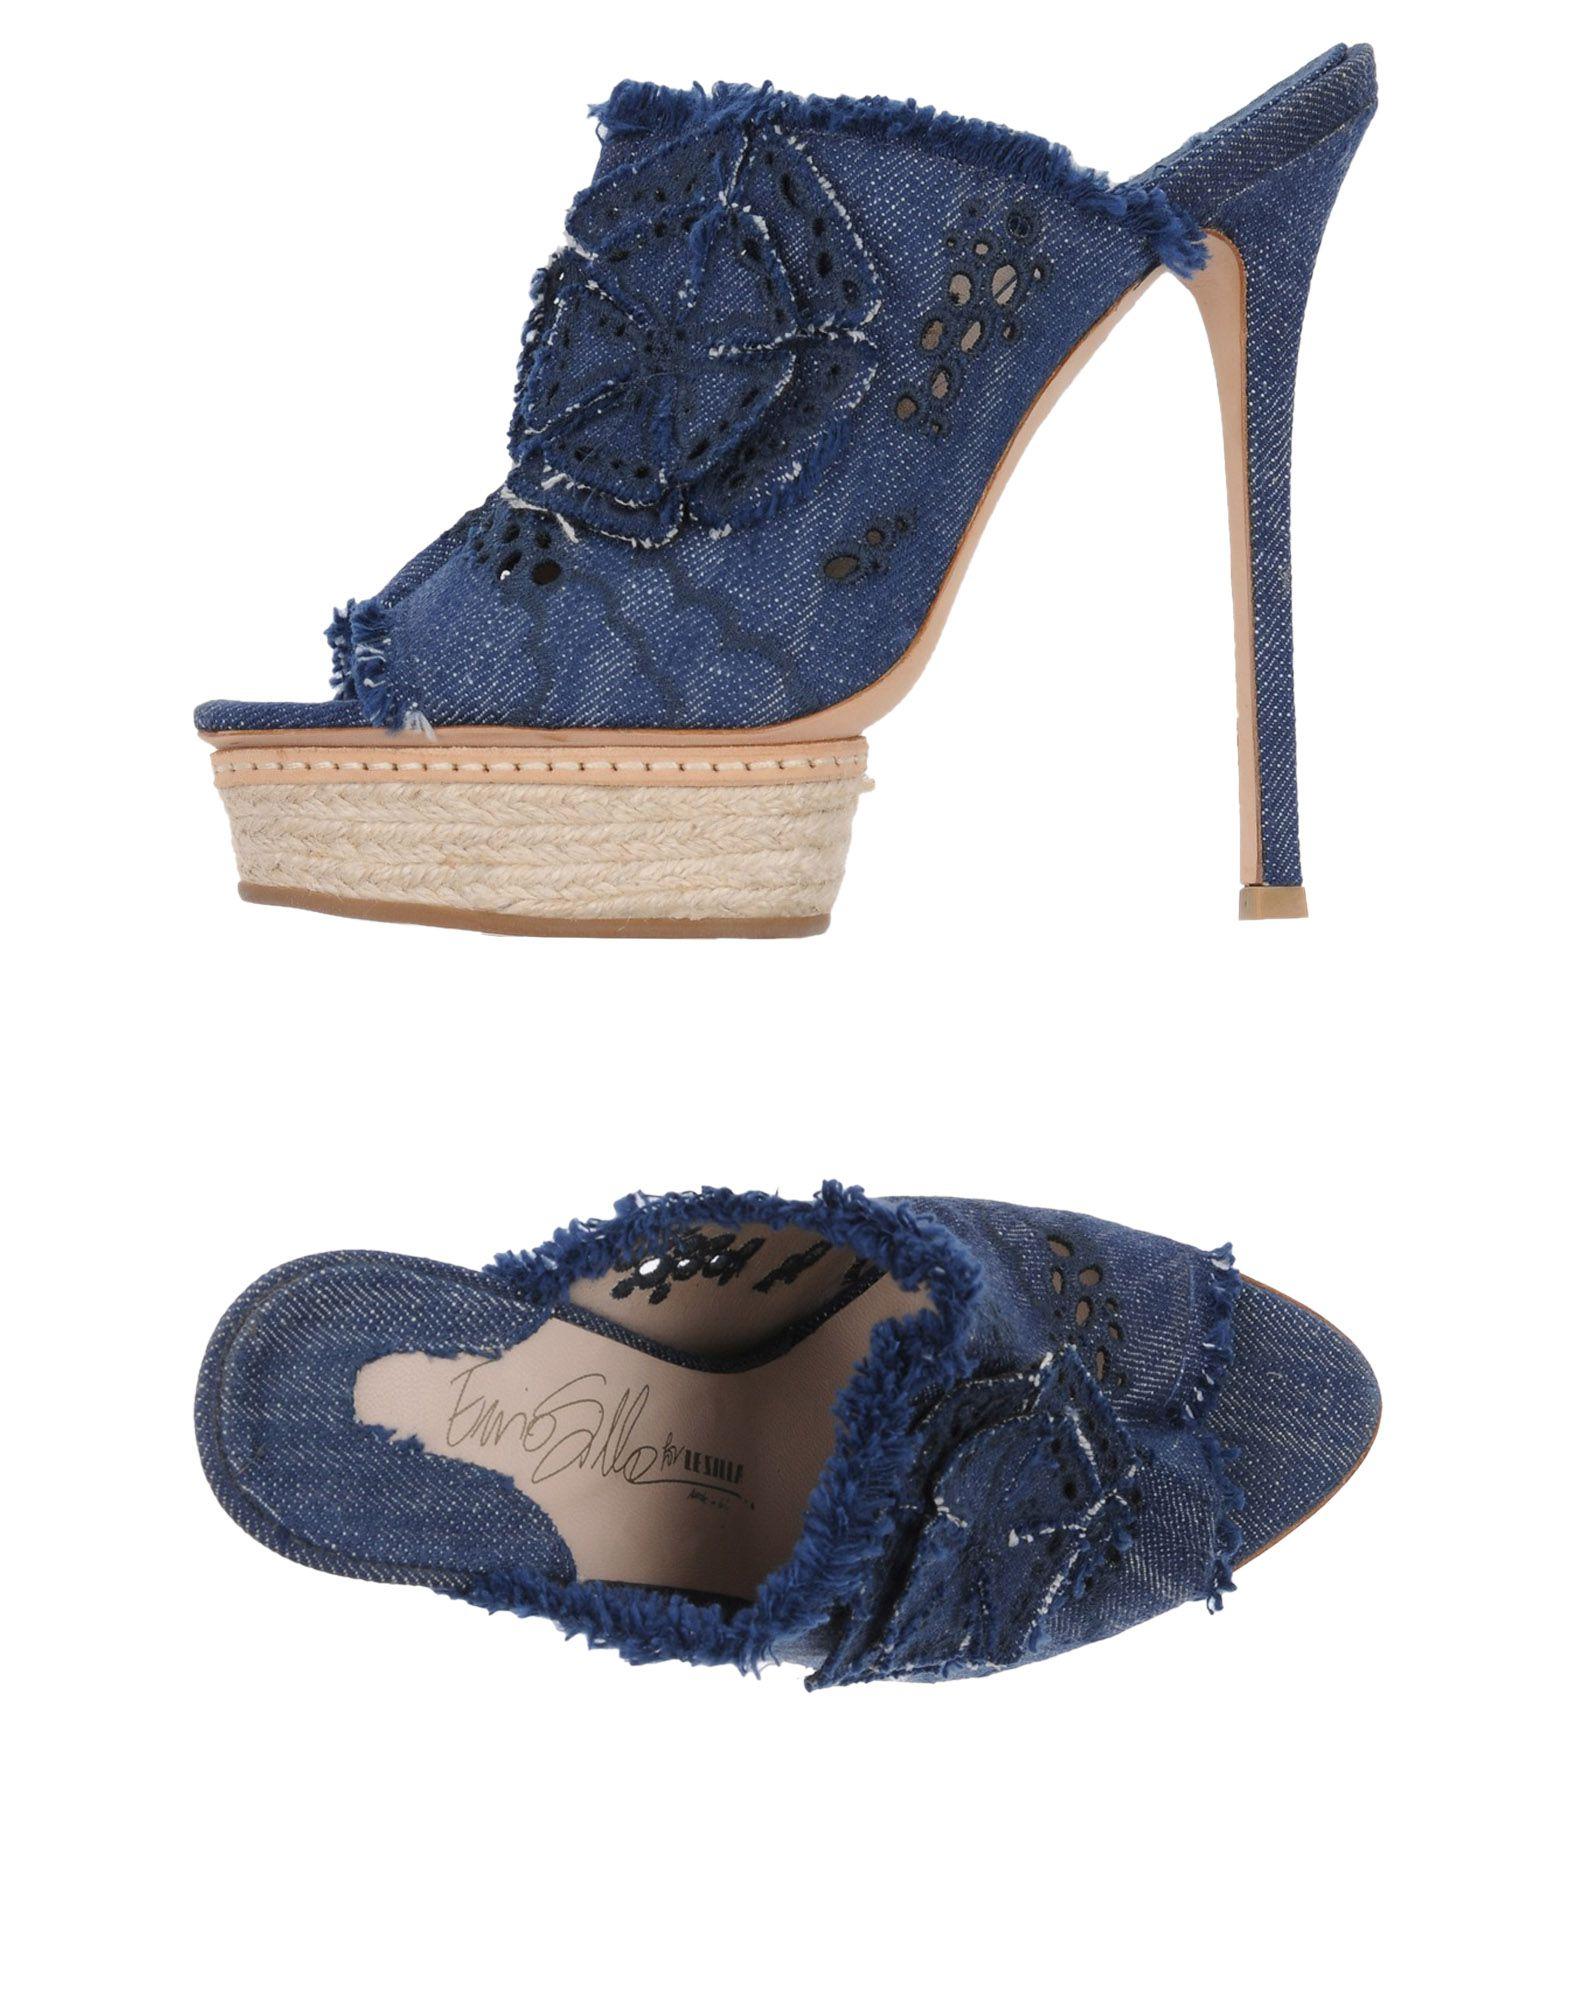 Enio Silla For  Le Silla Sandalen Damen  For 11289768DW Heiße Schuhe 53e966